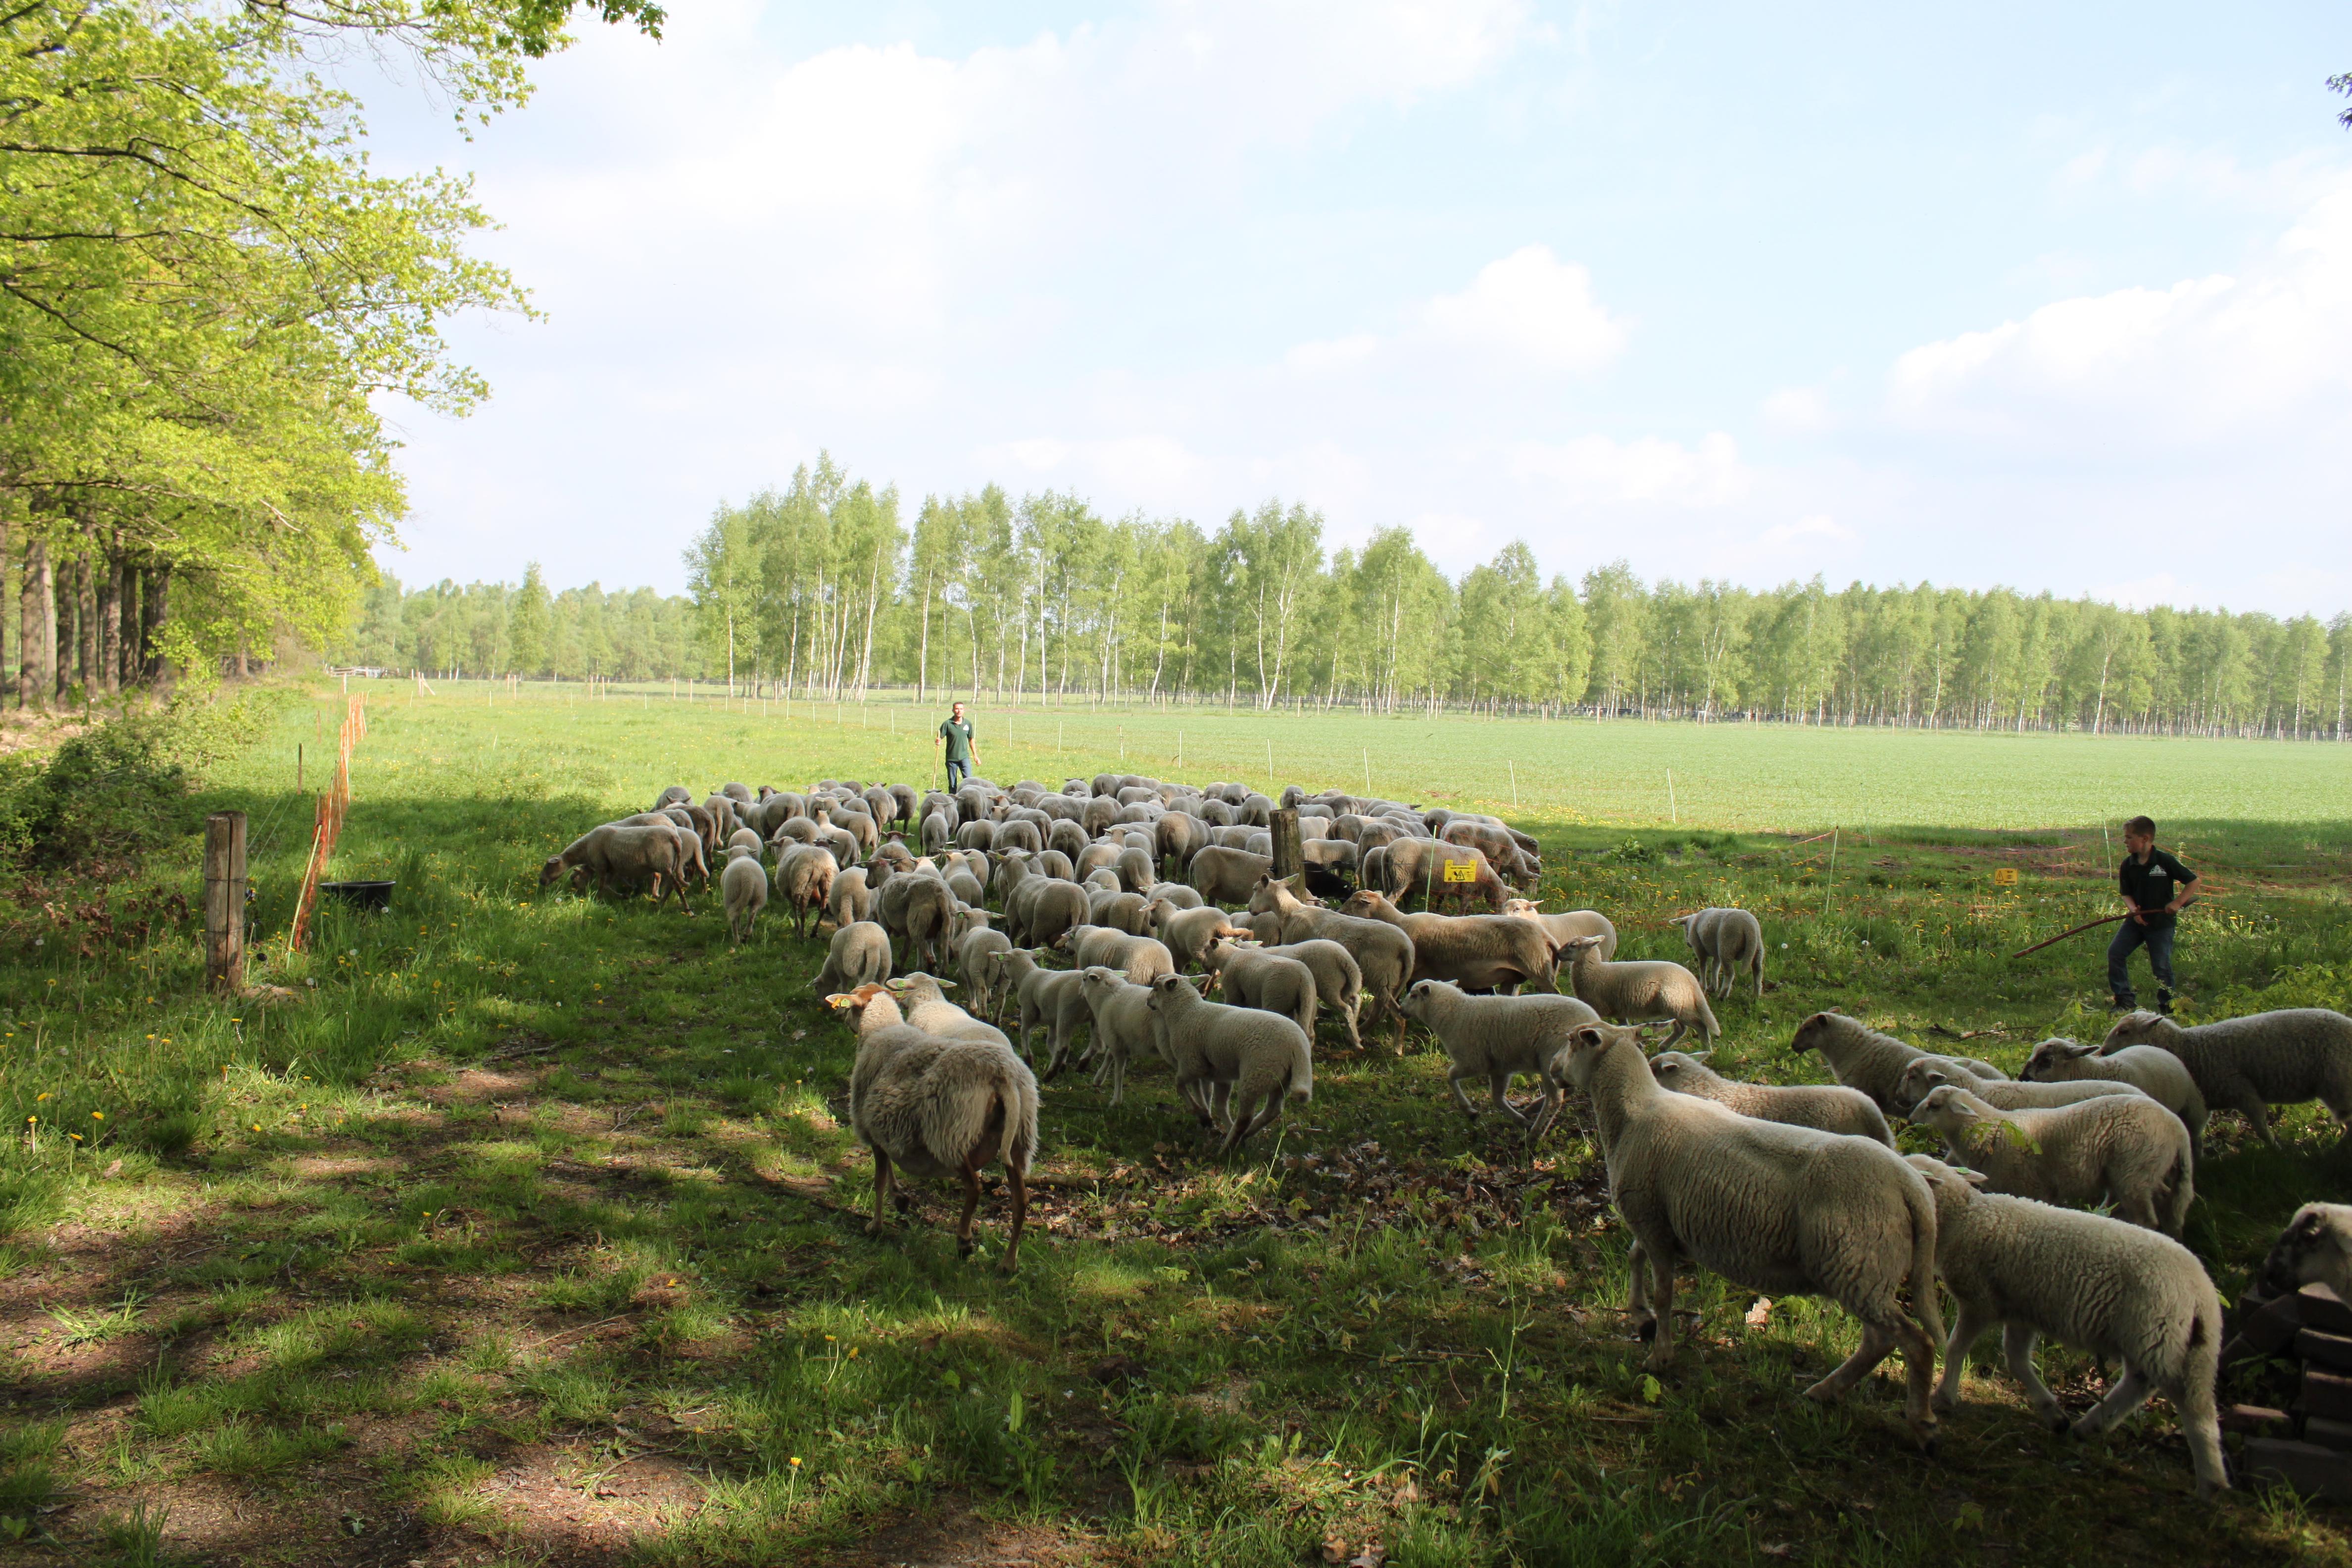 kudde volgt de herder